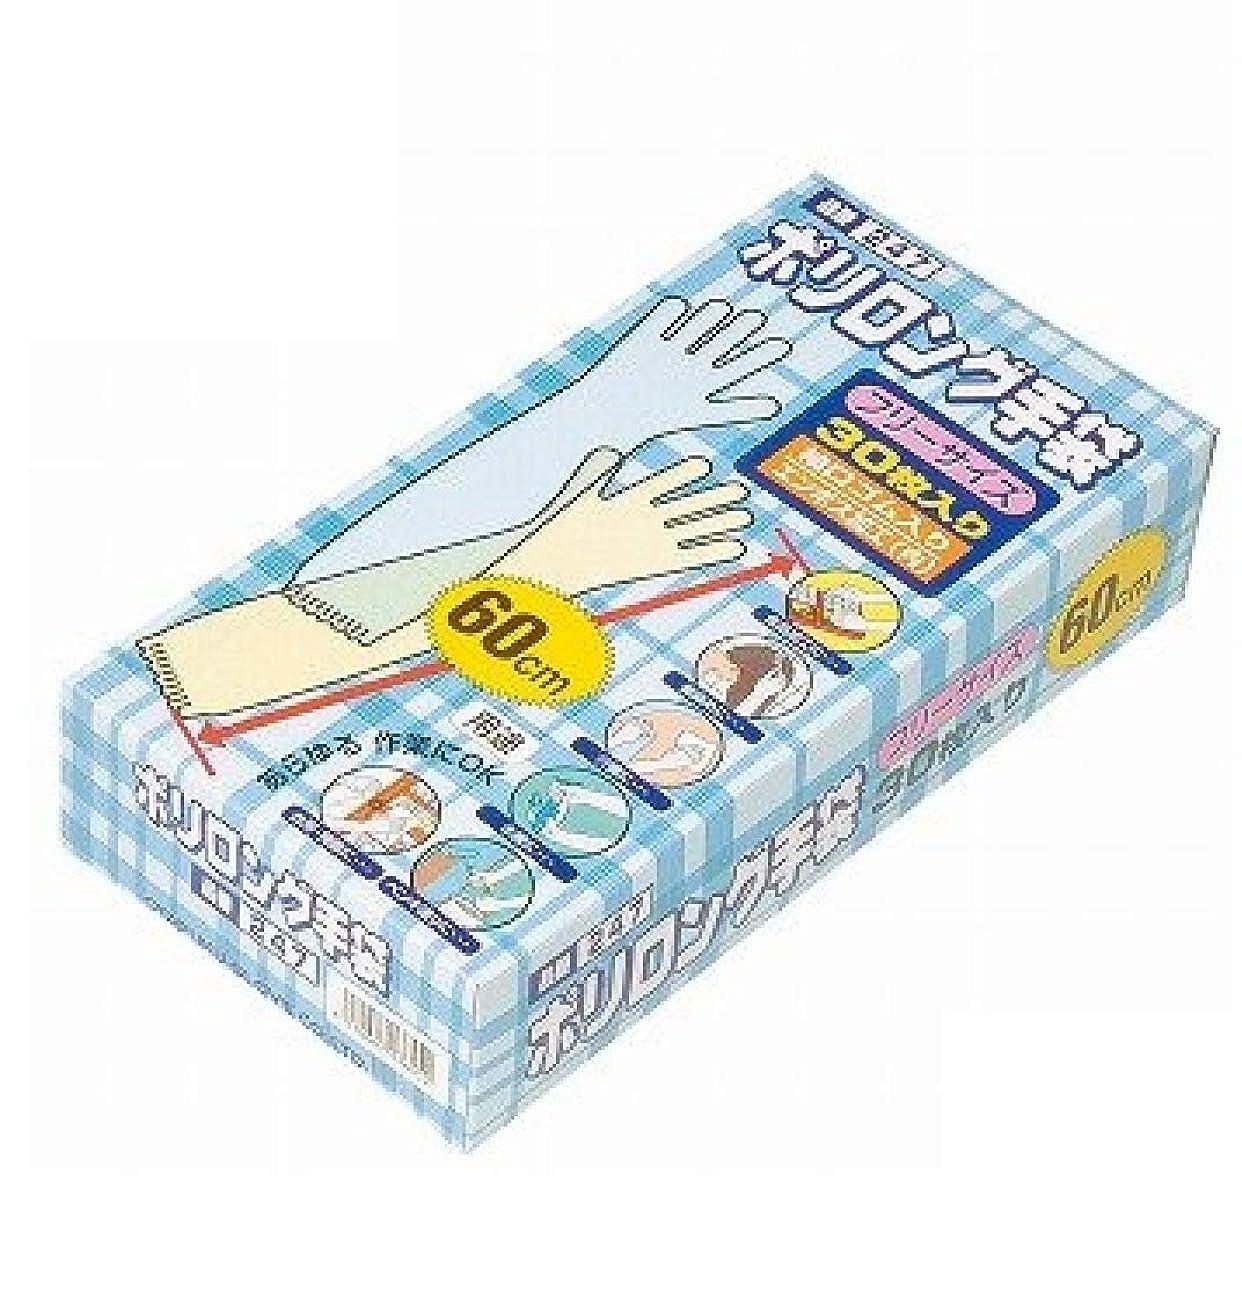 洗剤戸棚厳密に【おたふく手袋】ポリロング手袋 30枚入 No247 食品衛生法適合品手袋